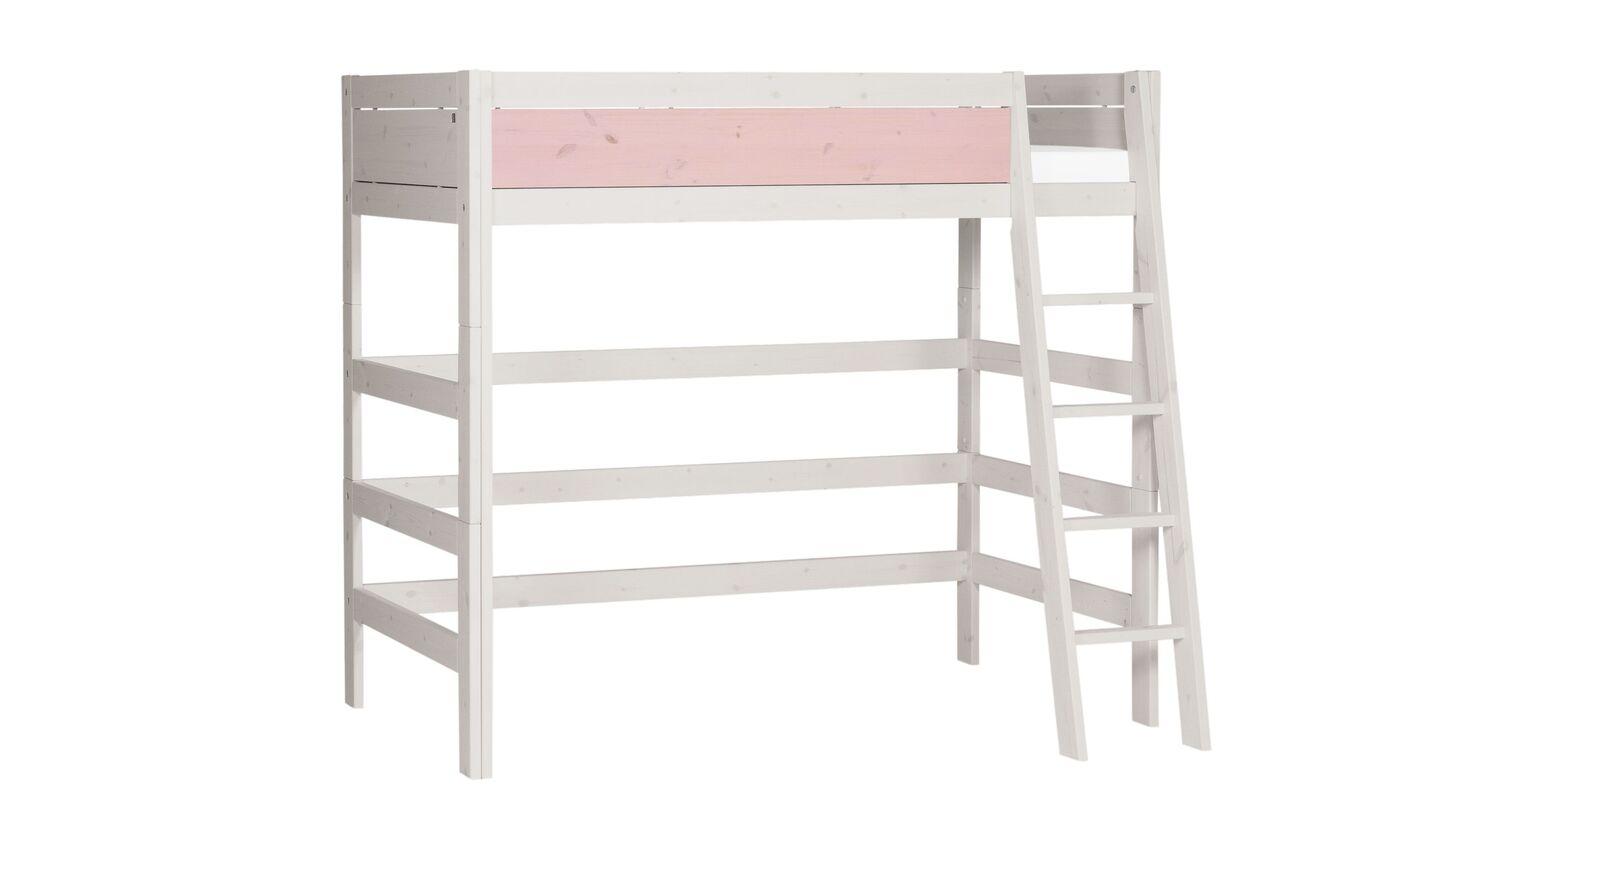 LIFETIME Hochbett Color mit schräger Leiter und rosa Frontfüllung